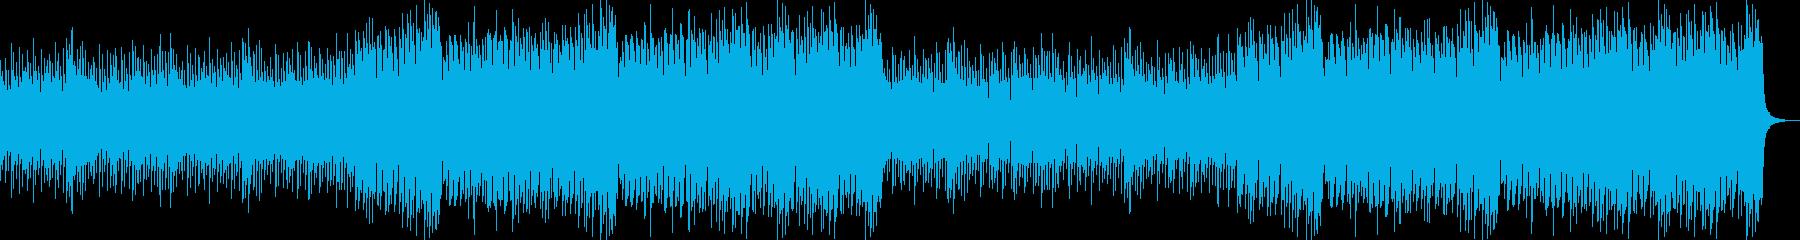 映像・ピアノソロ・安らぎ・平穏・安心の再生済みの波形